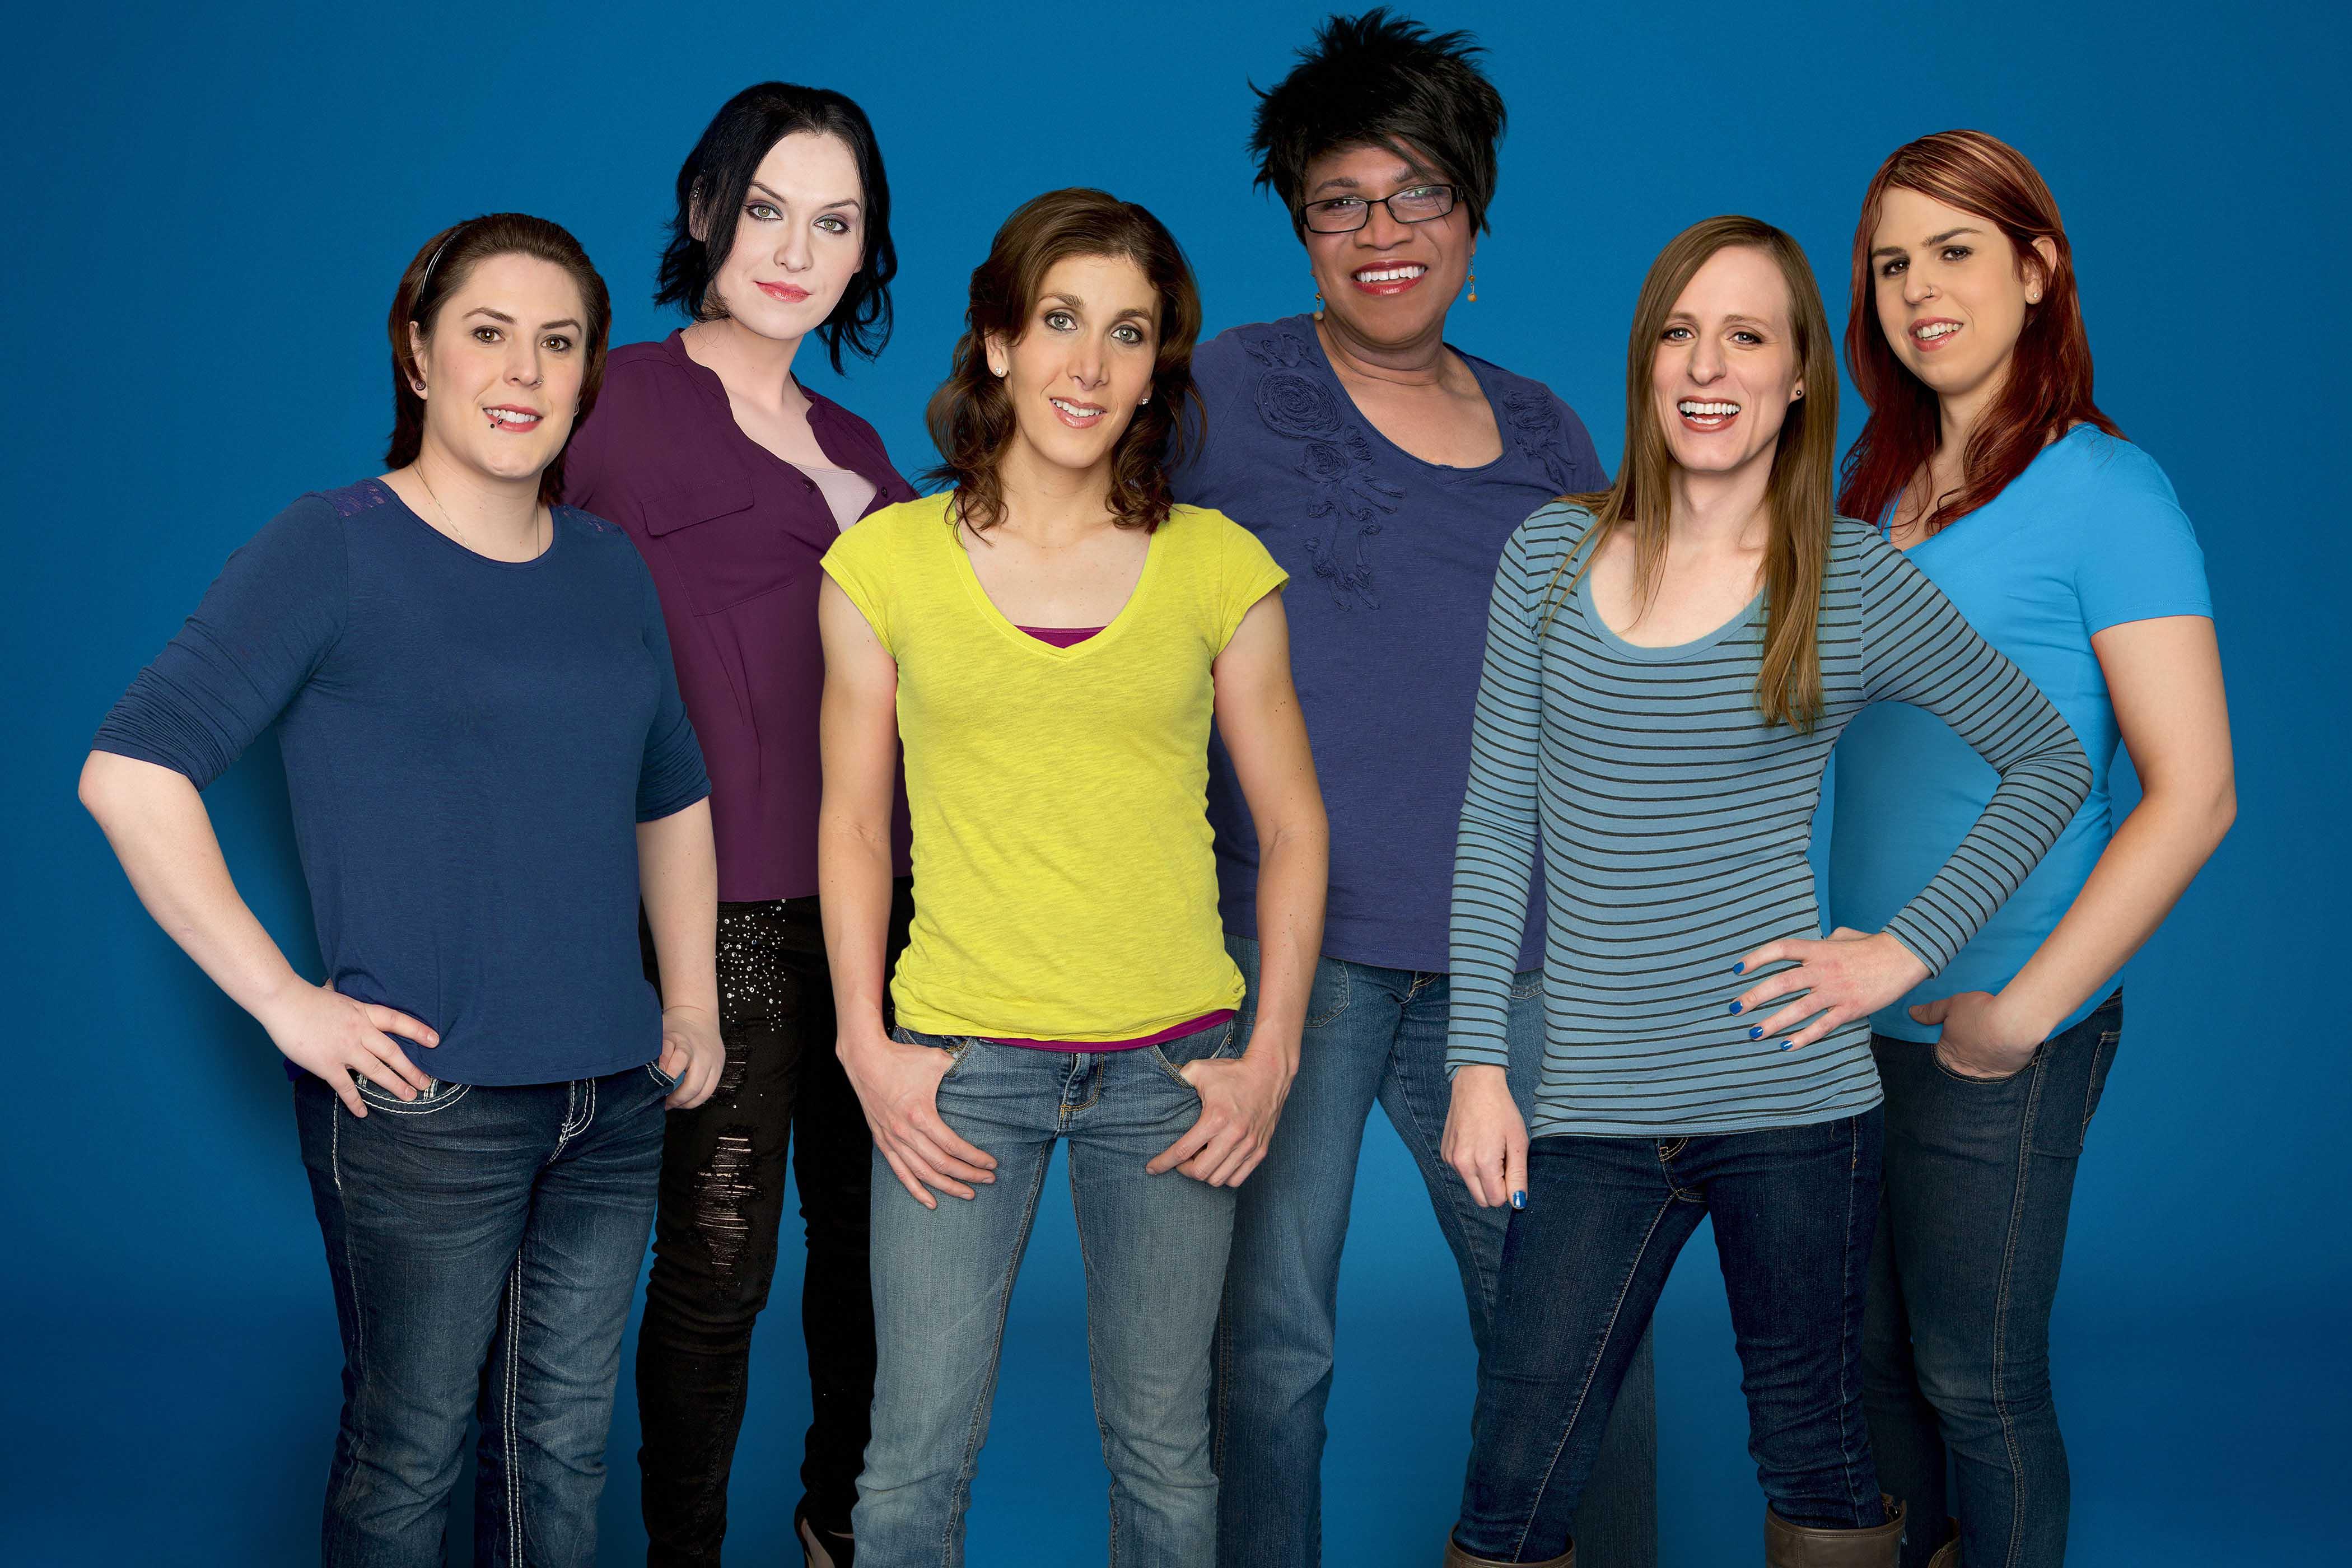 Le nuove ragazze del quartiere: 6 donne transgender nella nuova serie di Real Time